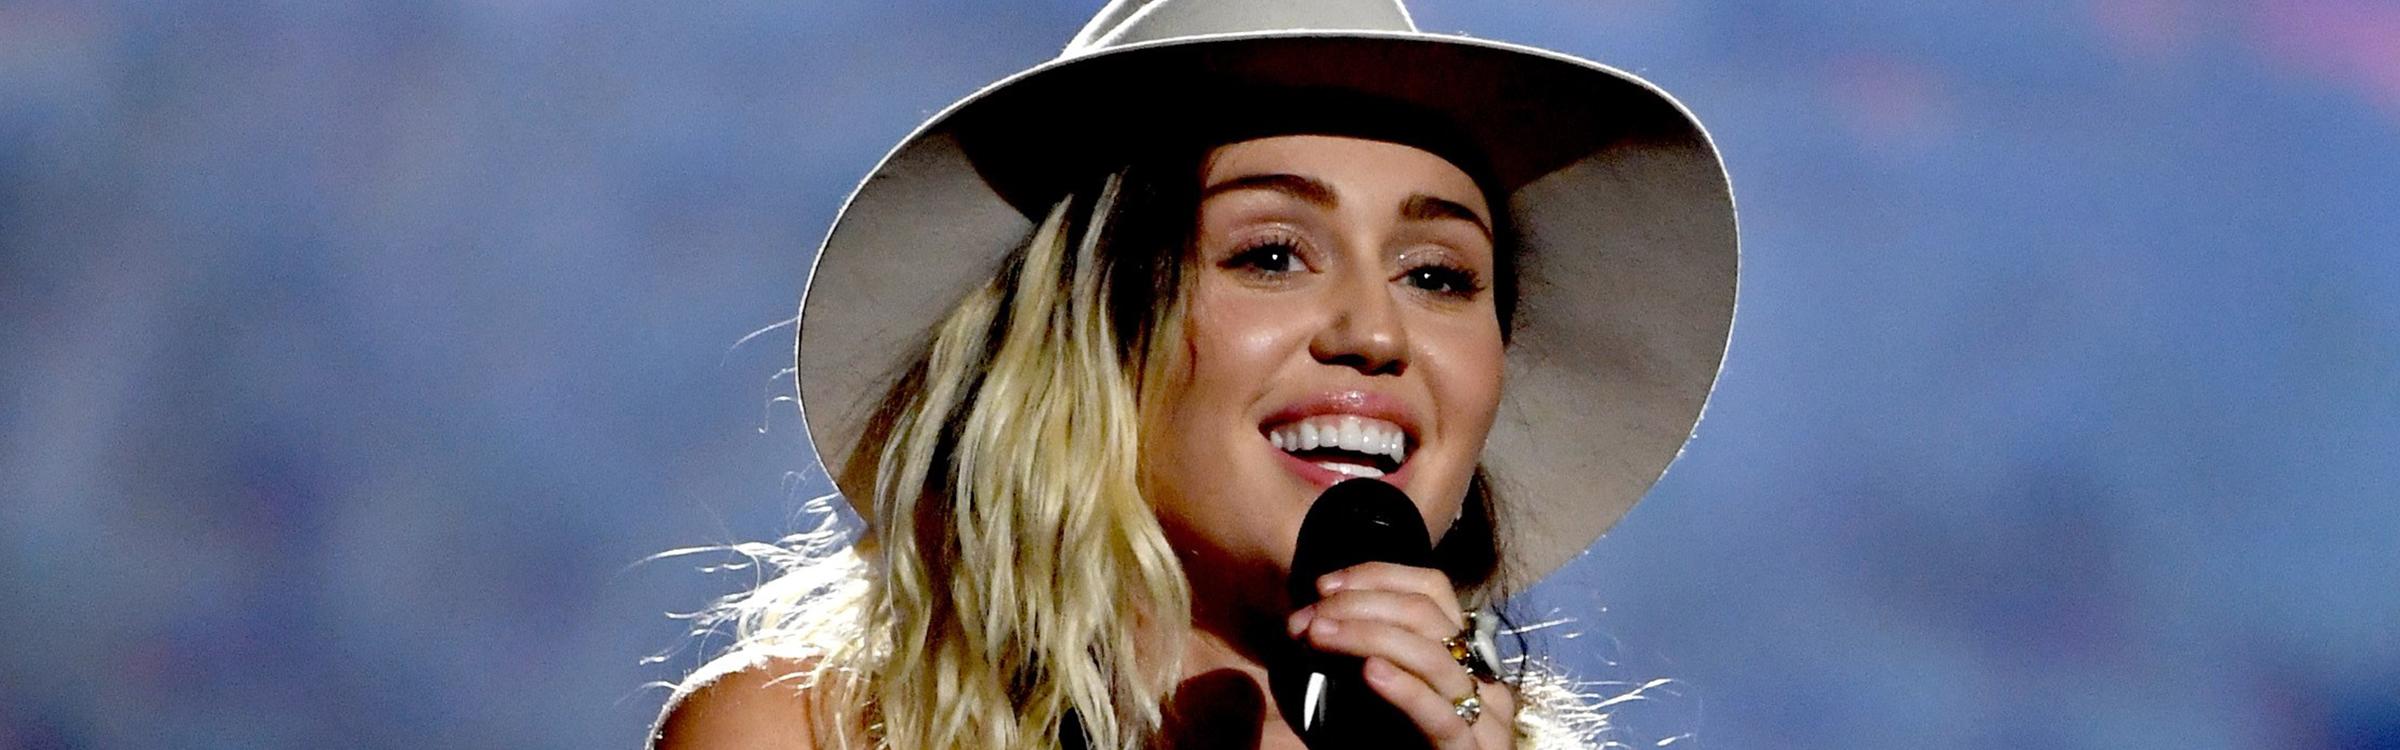 Mileyha